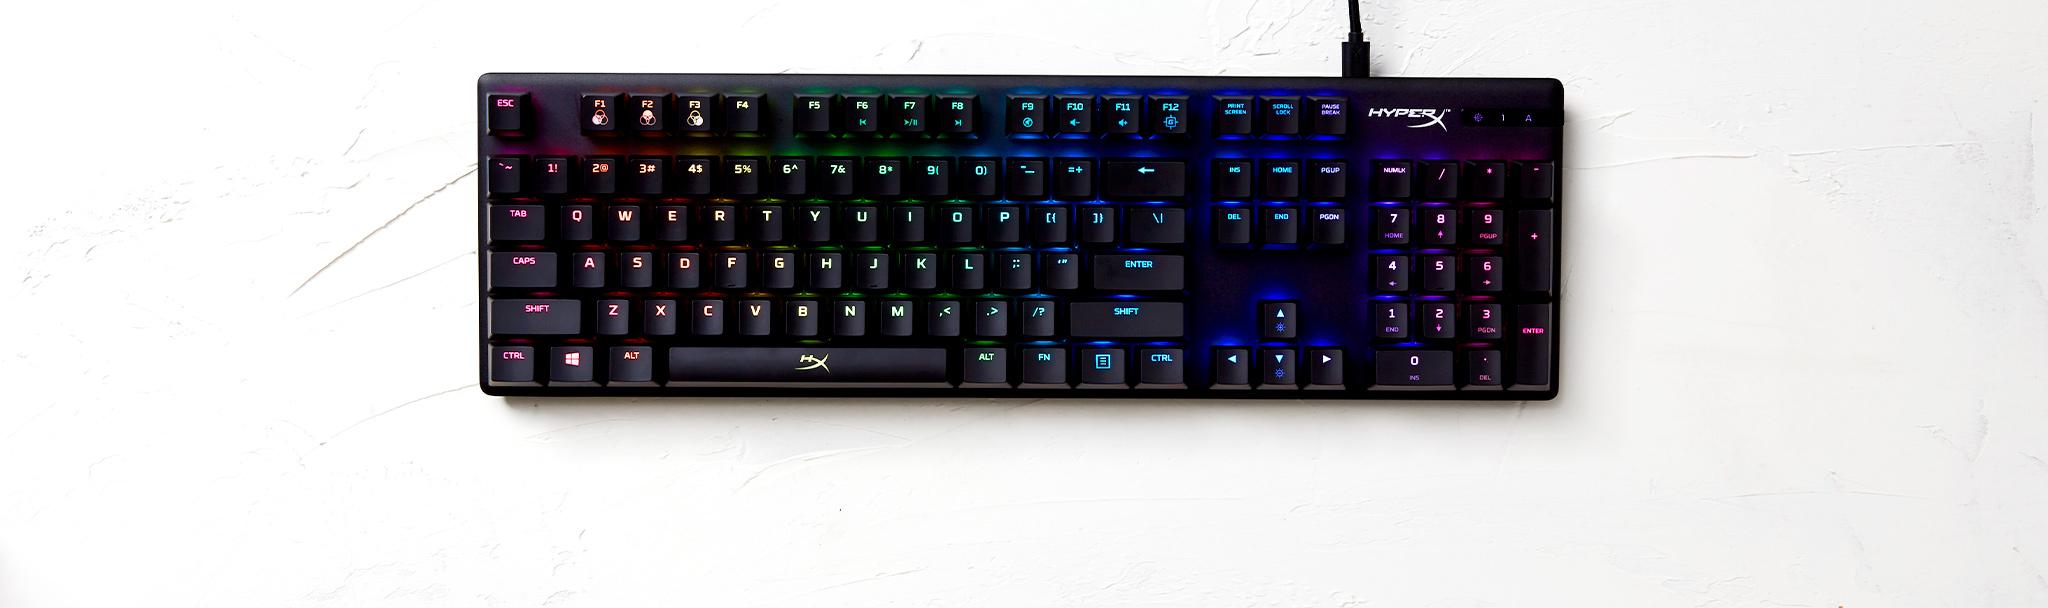 Bàn phím cơ KINGSTON HYPERX ALLOY ORIGINS Red Switch RGB (HX-KB6RDX-US) trang bị hệ thống led RGB